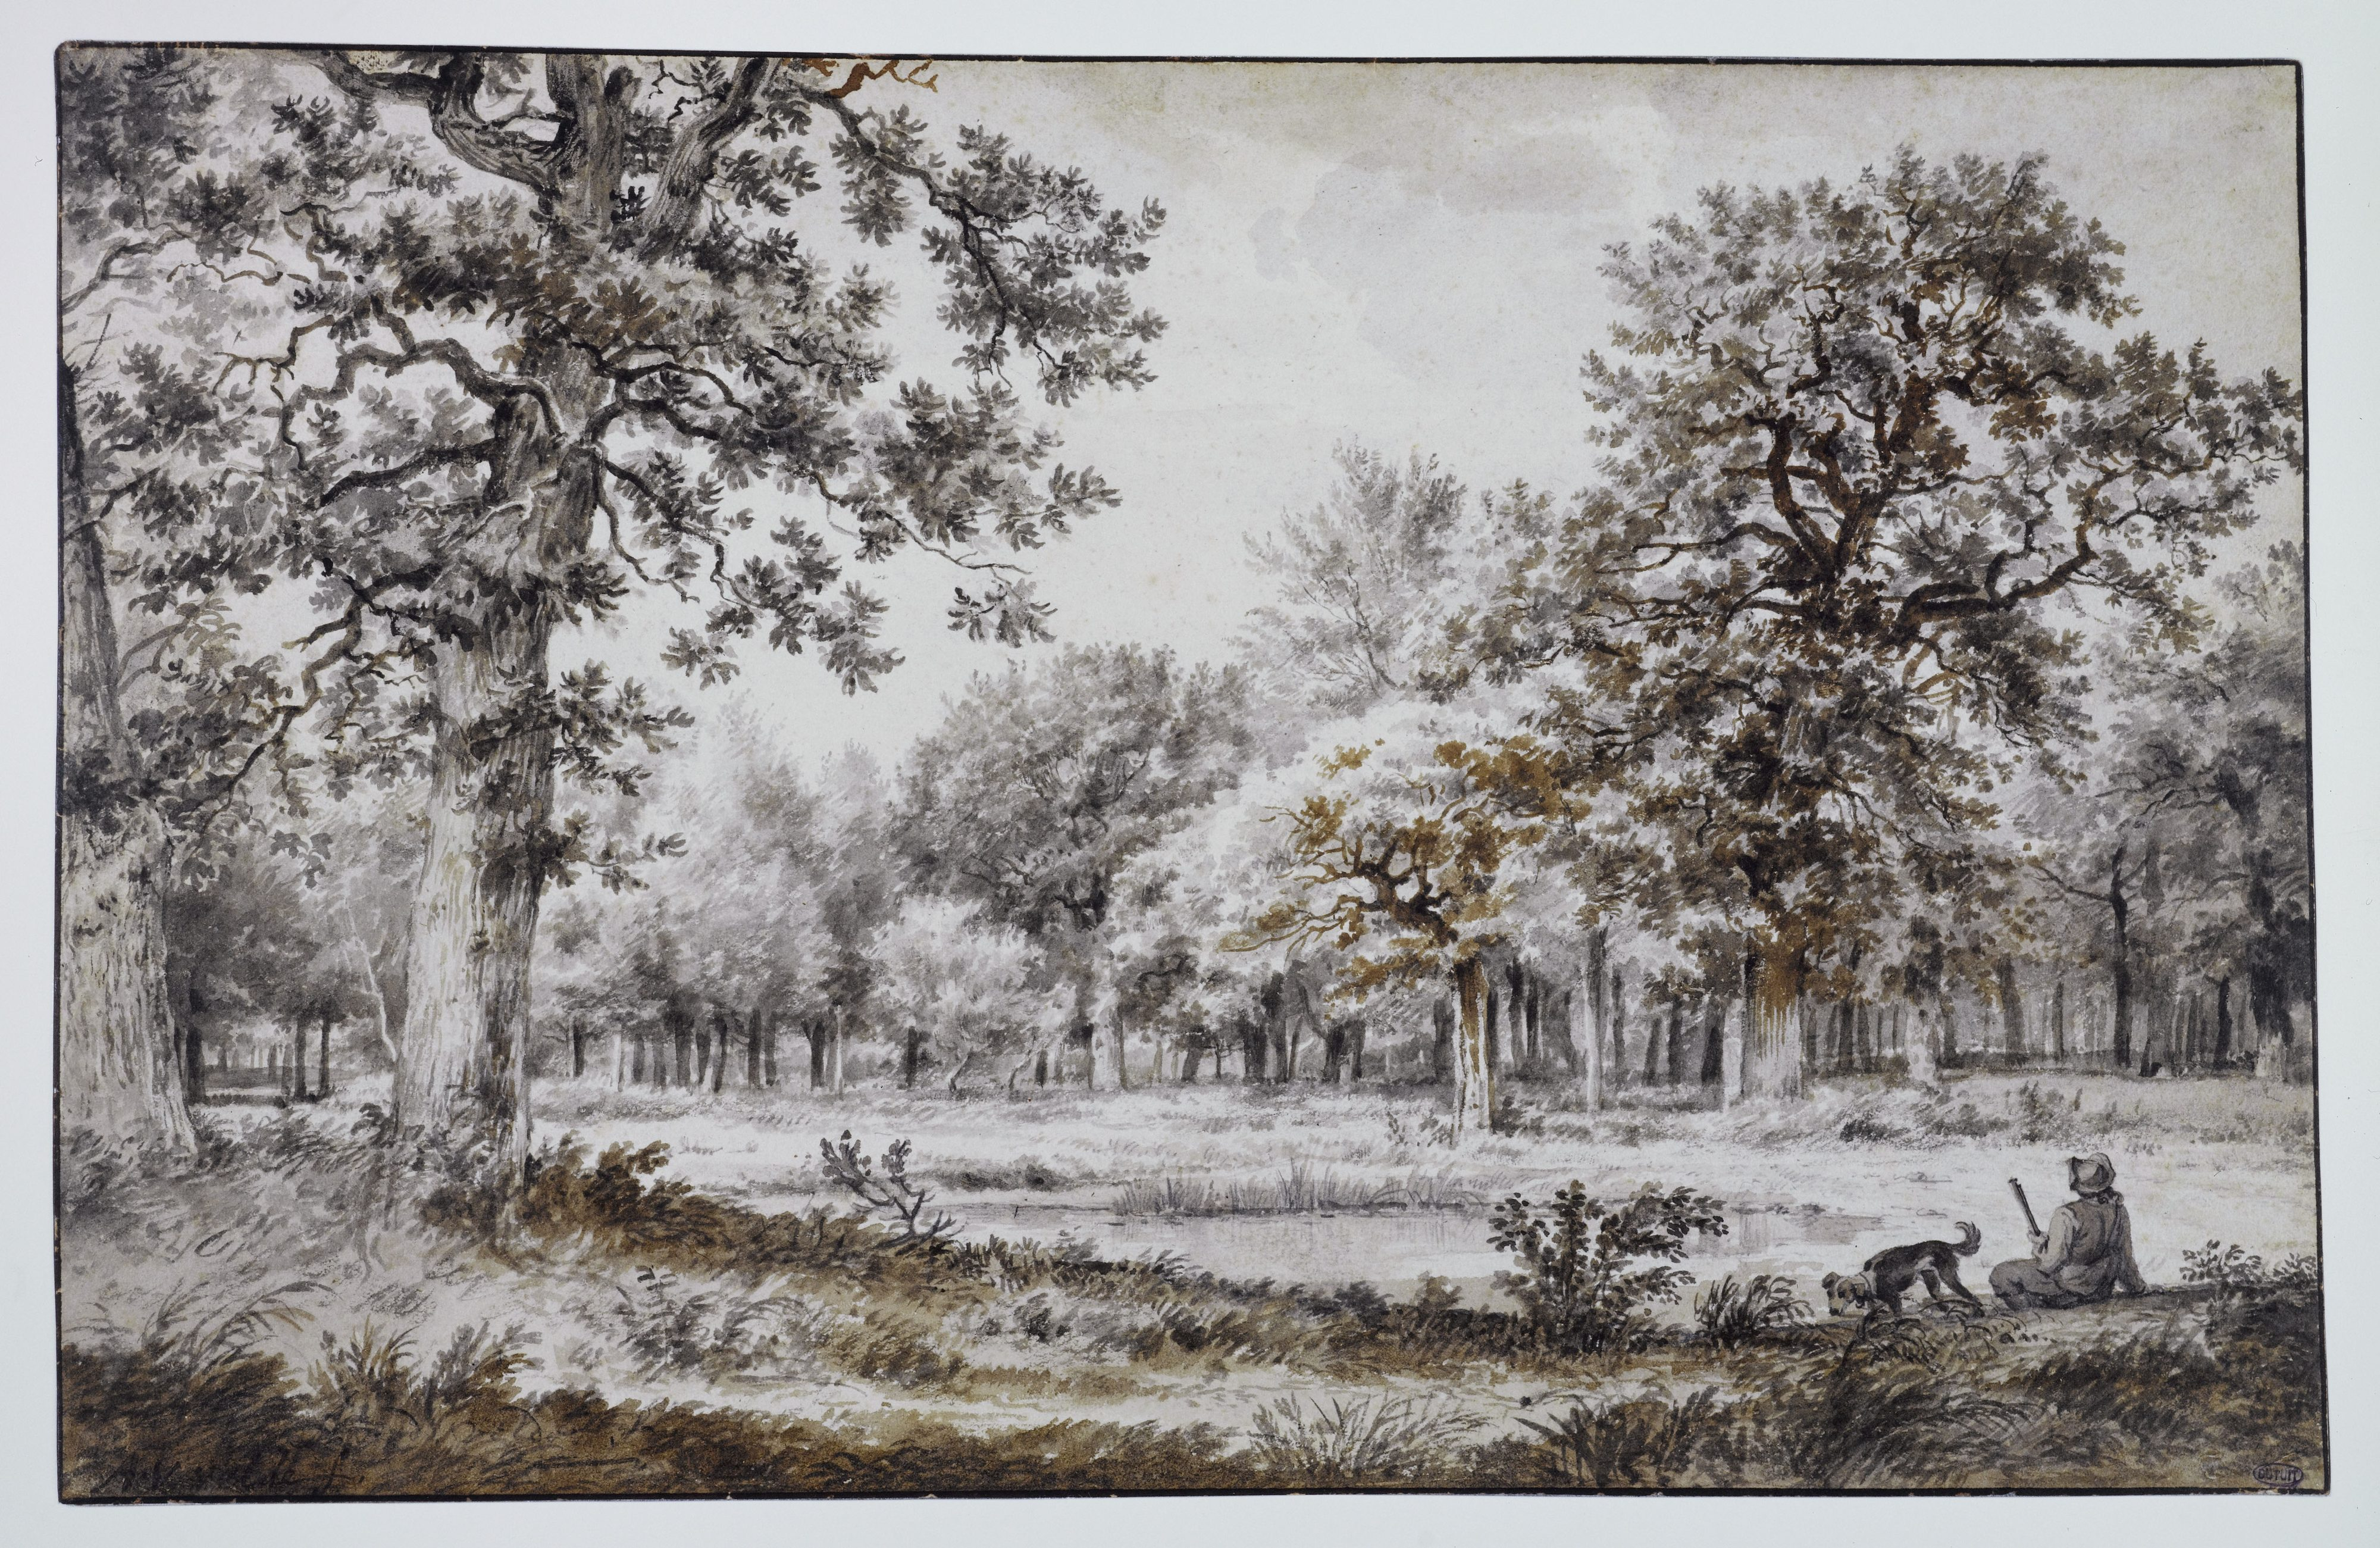 Adriaen van de Velde - Hunter near a pond, in a clearing